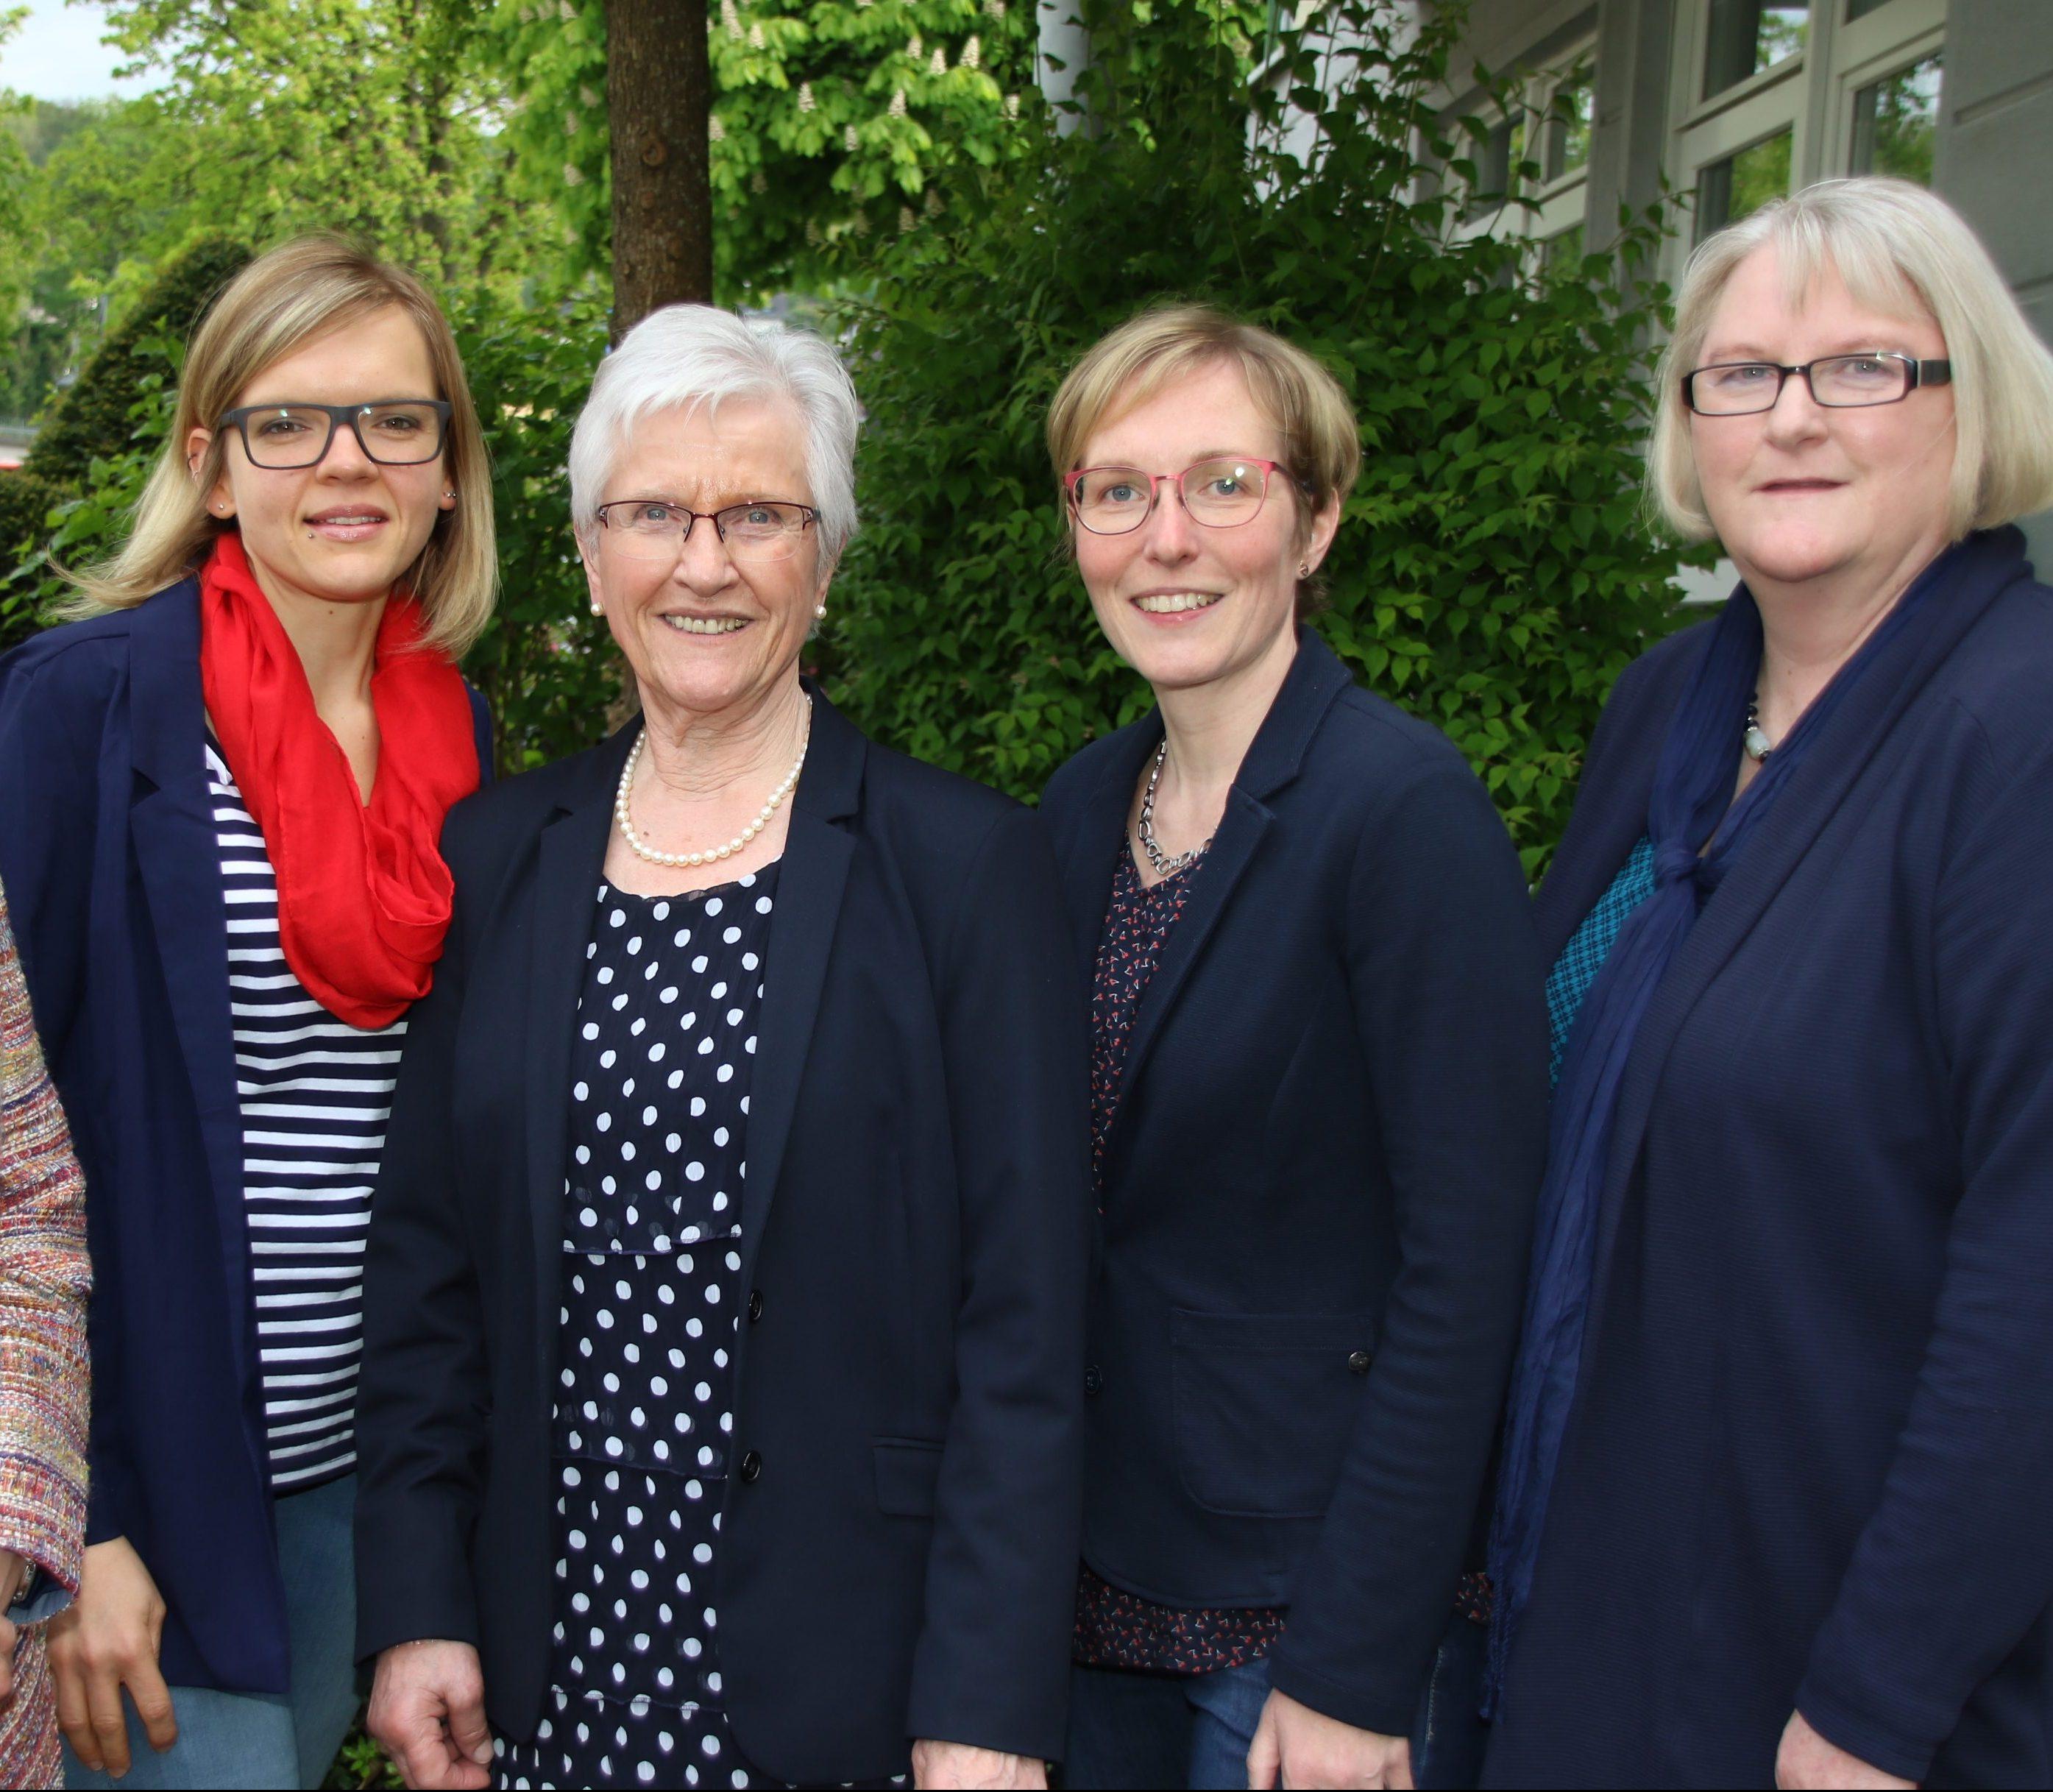 Team der Alzheimer Gesellschaft im Bergischen Land e.V. (es fehlt T. Pawlak)